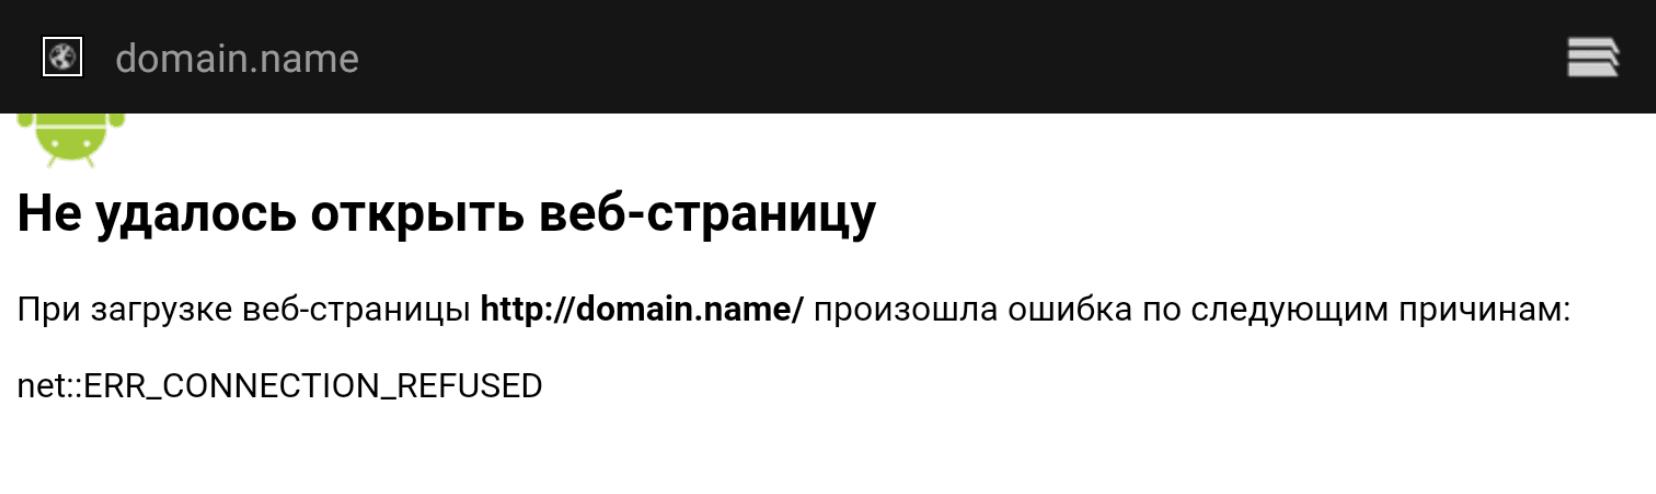 Проверка блокировки сайта в hosts